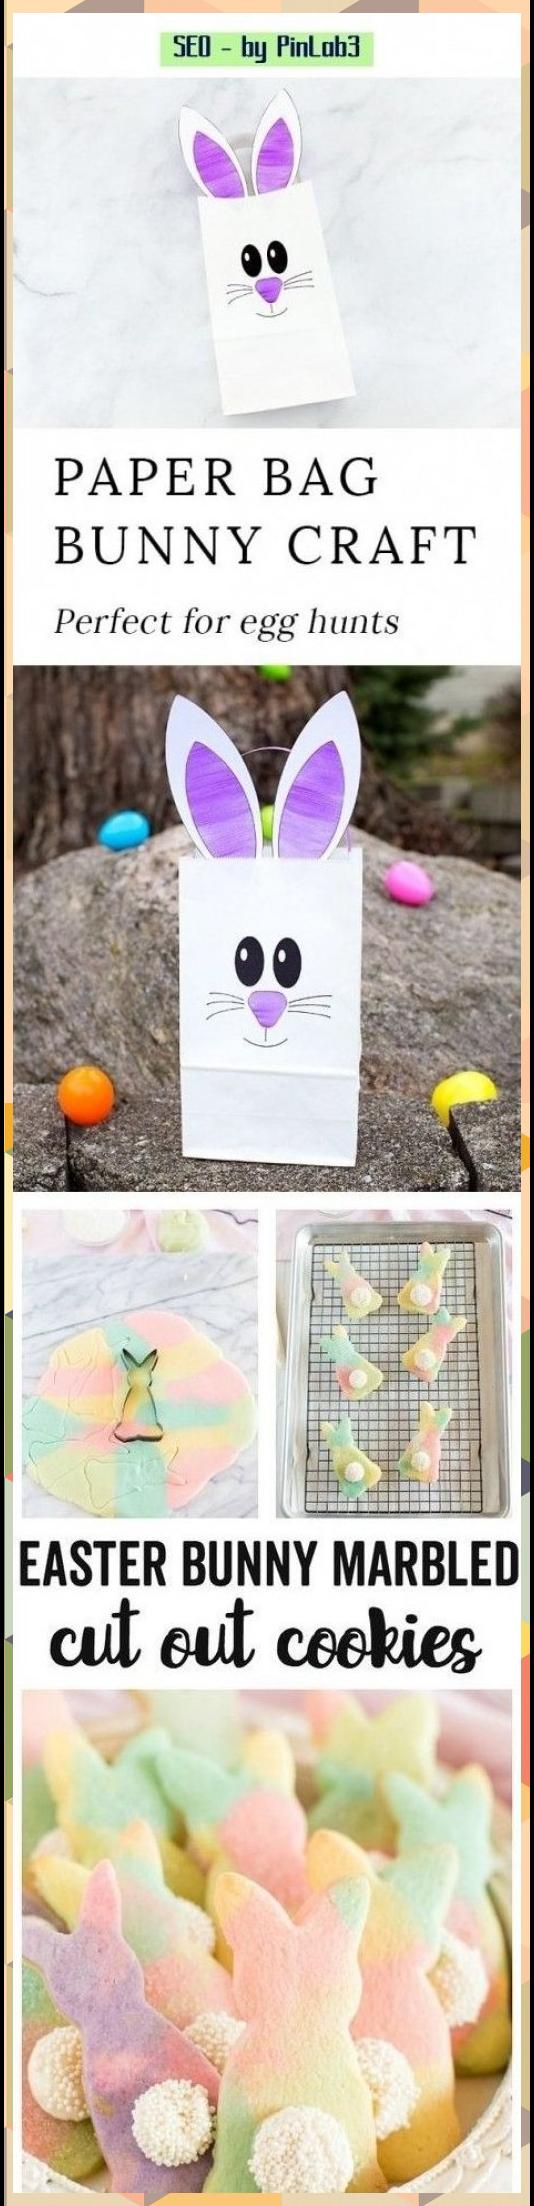 Bunny easter treats #bunny #easter #treats # bunnies #ostern # Treate<br />#bunnies #bunny #Easter #Ostern #Treate #treats